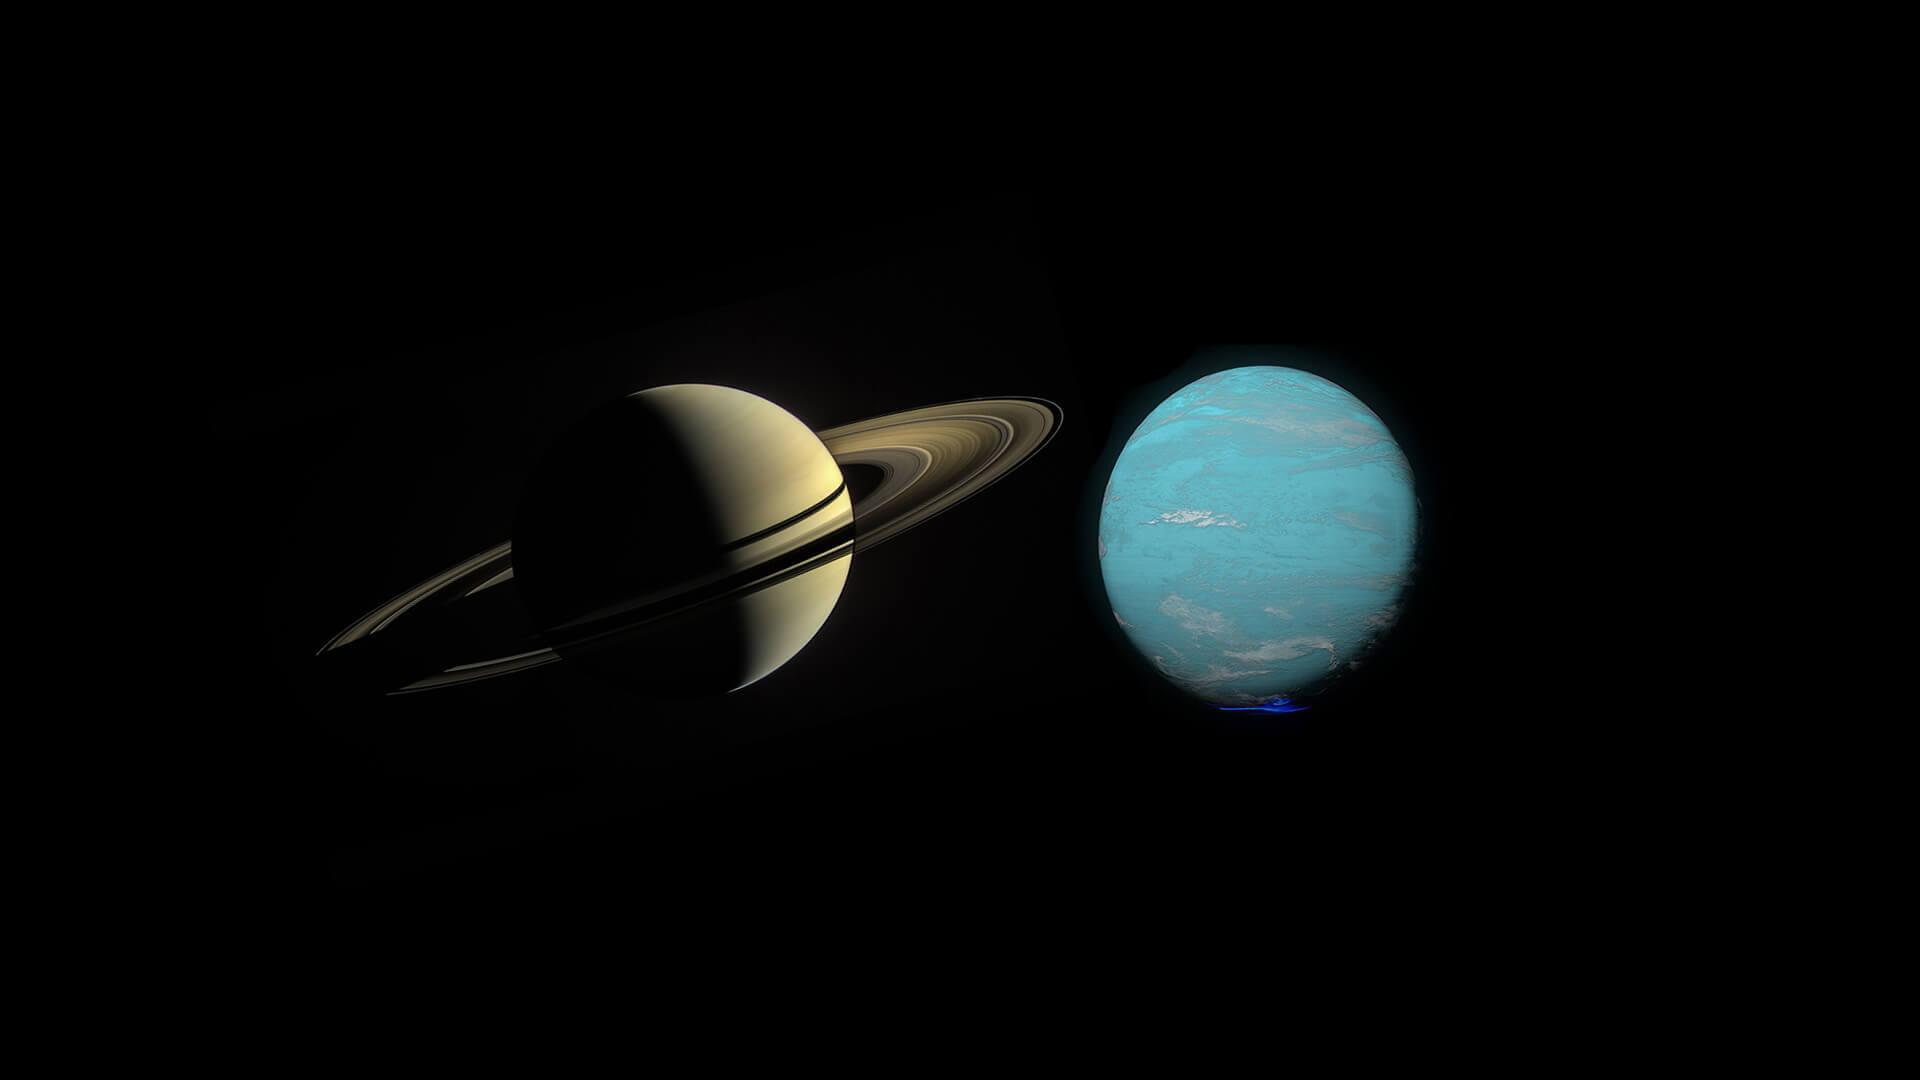 Saturn square Uranus